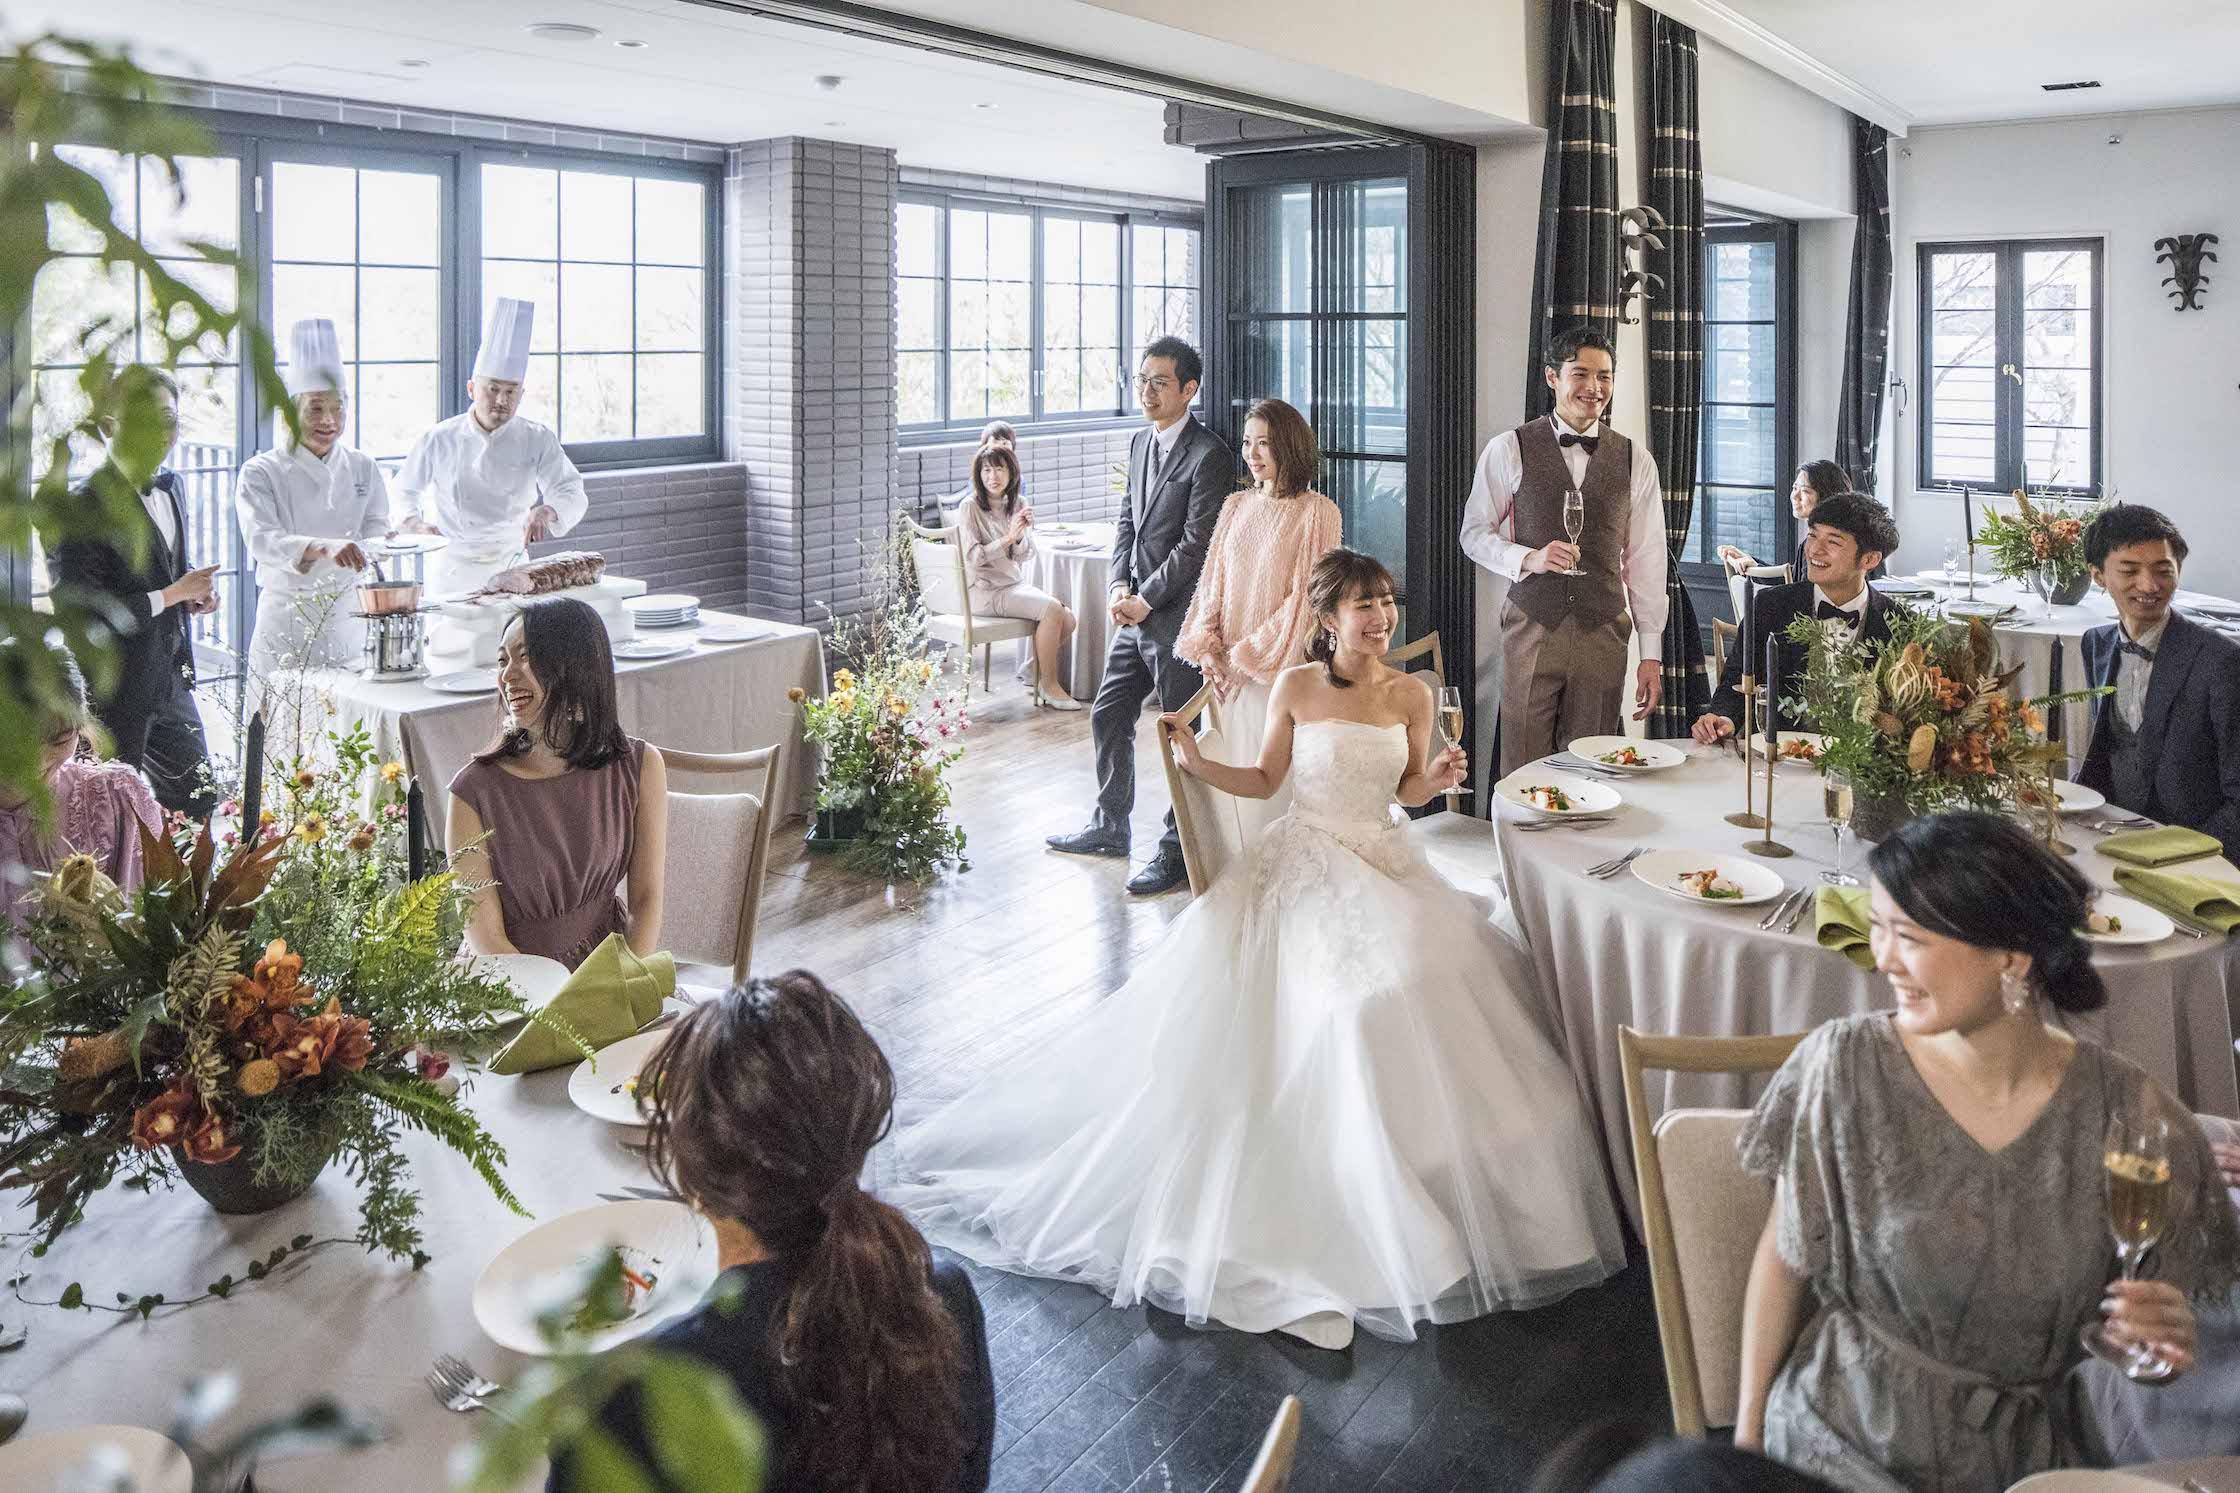 返信 延期 結婚 式